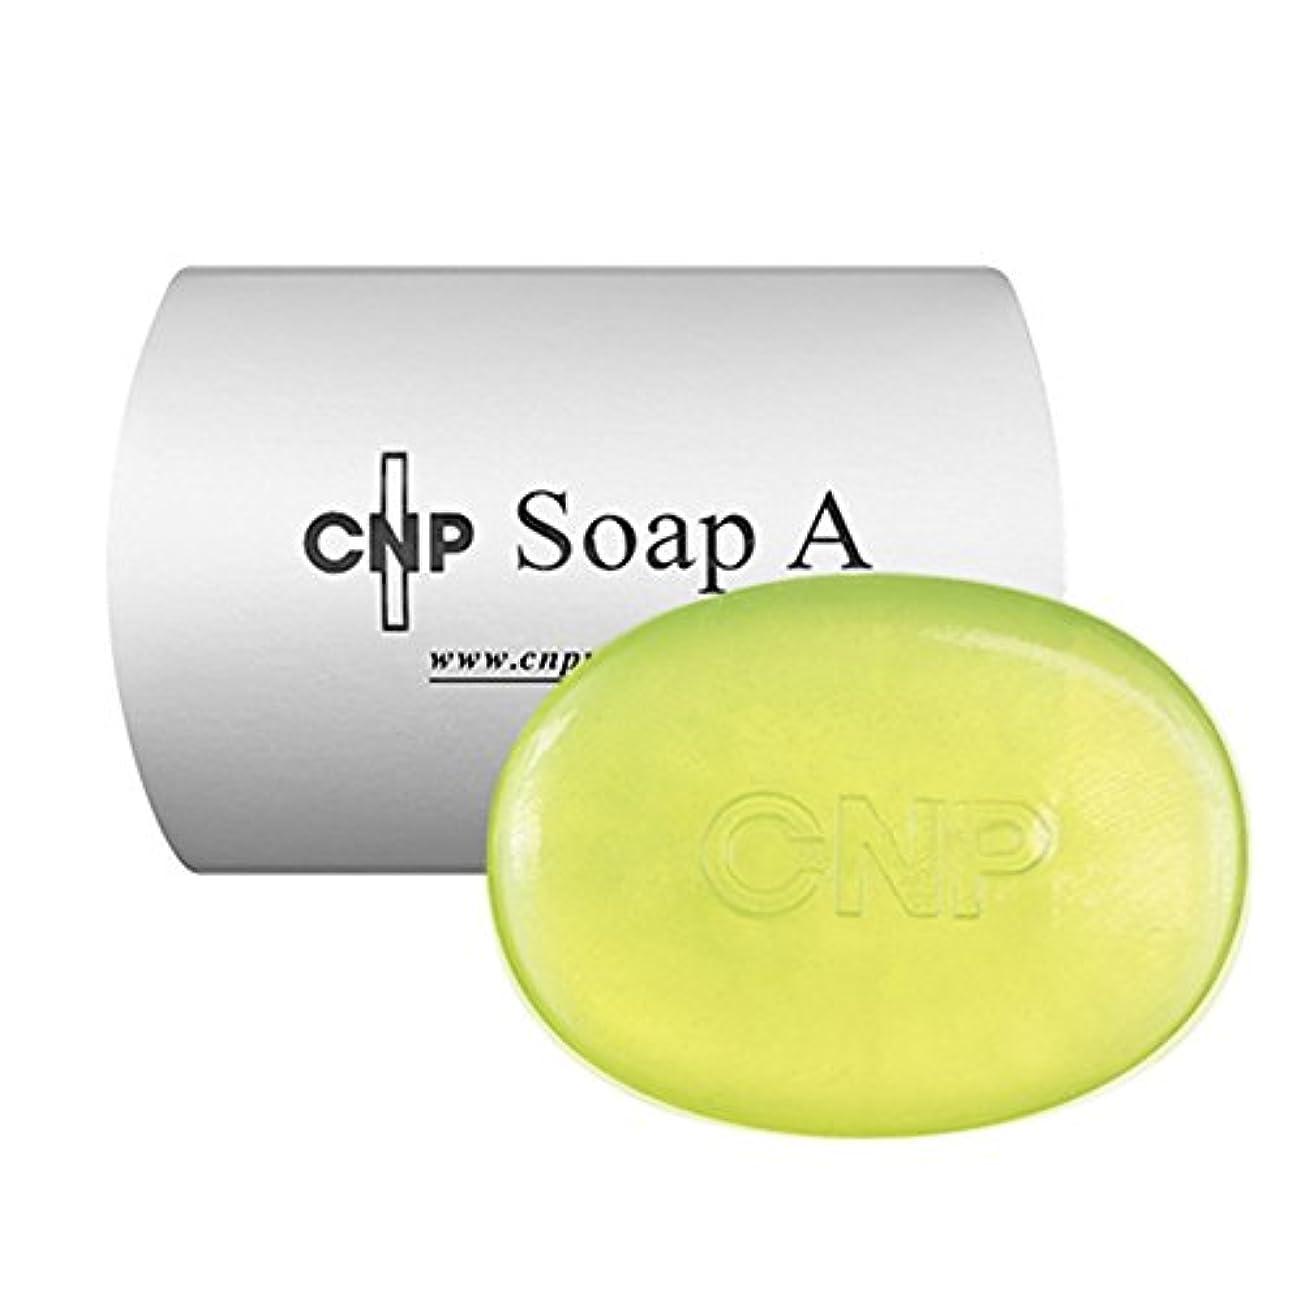 オーストラリア人円形見捨てるCNP Soap A チャアンドパク ソープ A [並行輸入品]